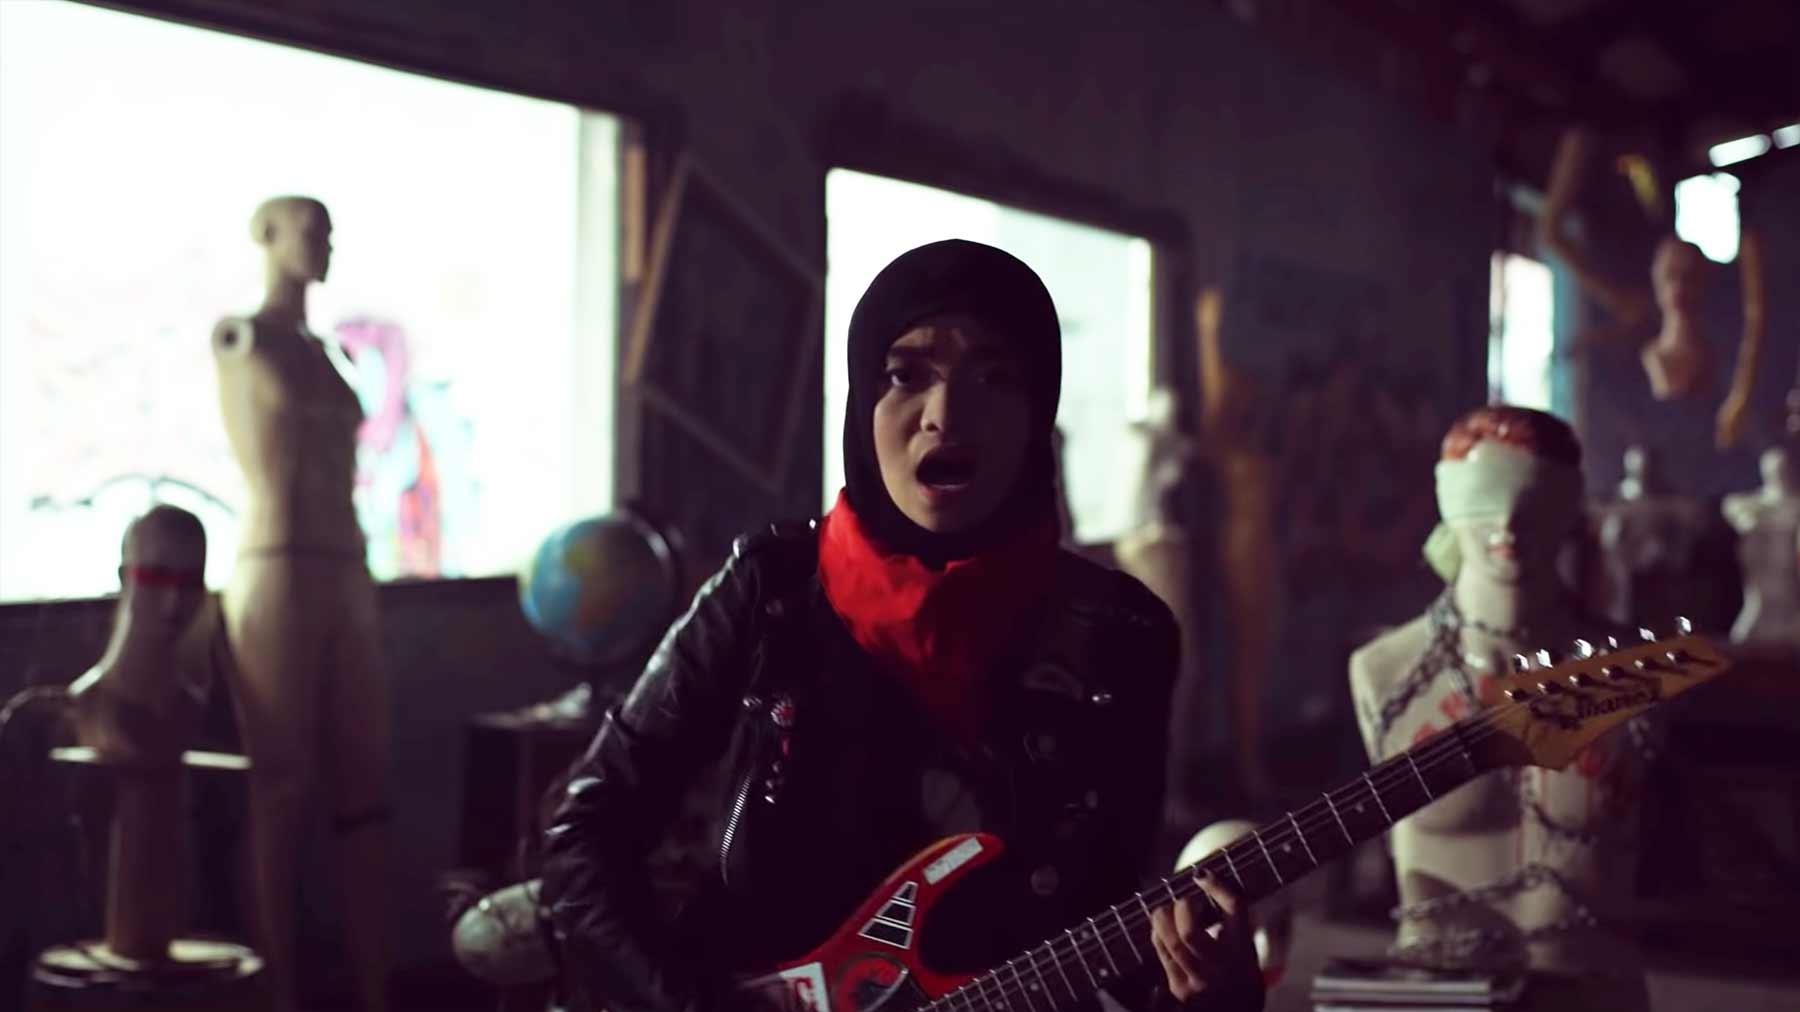 Voice of Baceprot ist eine Band junger muslimischer Frauen, die richtig abrockt Voice-of-Baceprot-School-Revolution